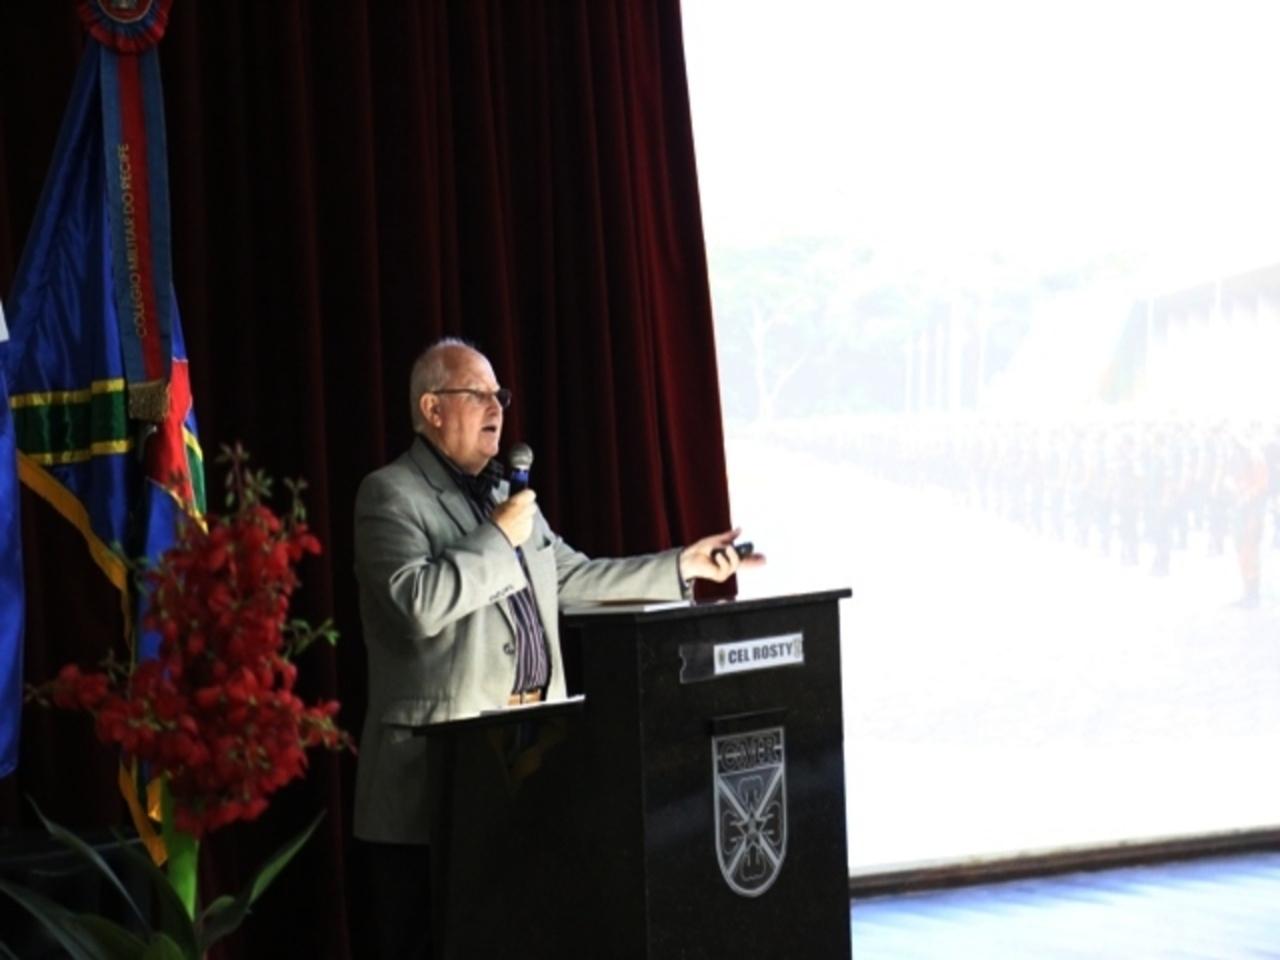 Palestra sobre o Centenário da Missão Militar Francesa no Brasil